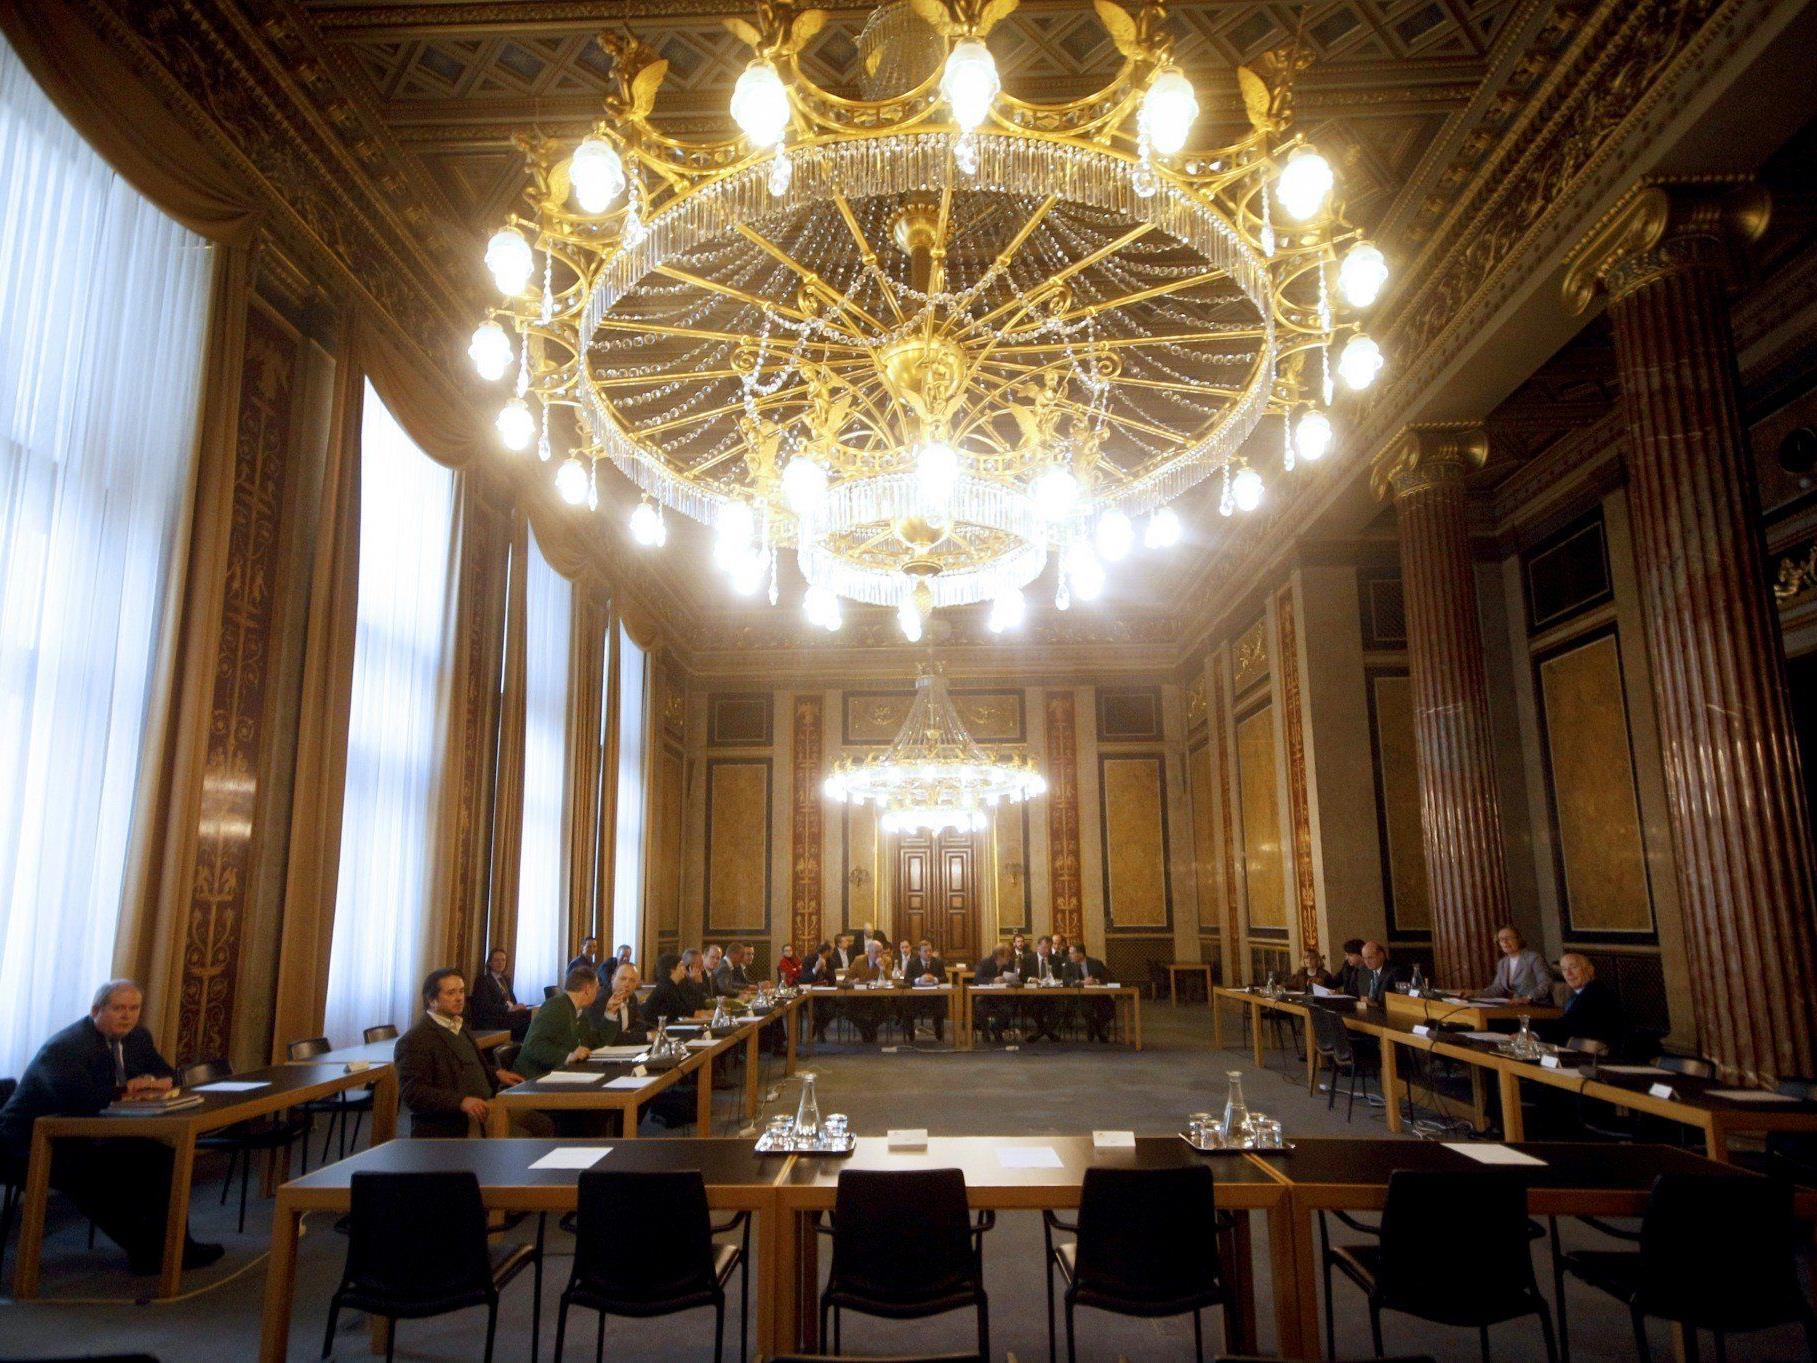 U-Ausschuss als Minderheitsrecht: Gemeinsame Punktation von Koalition, FPÖ, Grünen und NEOS